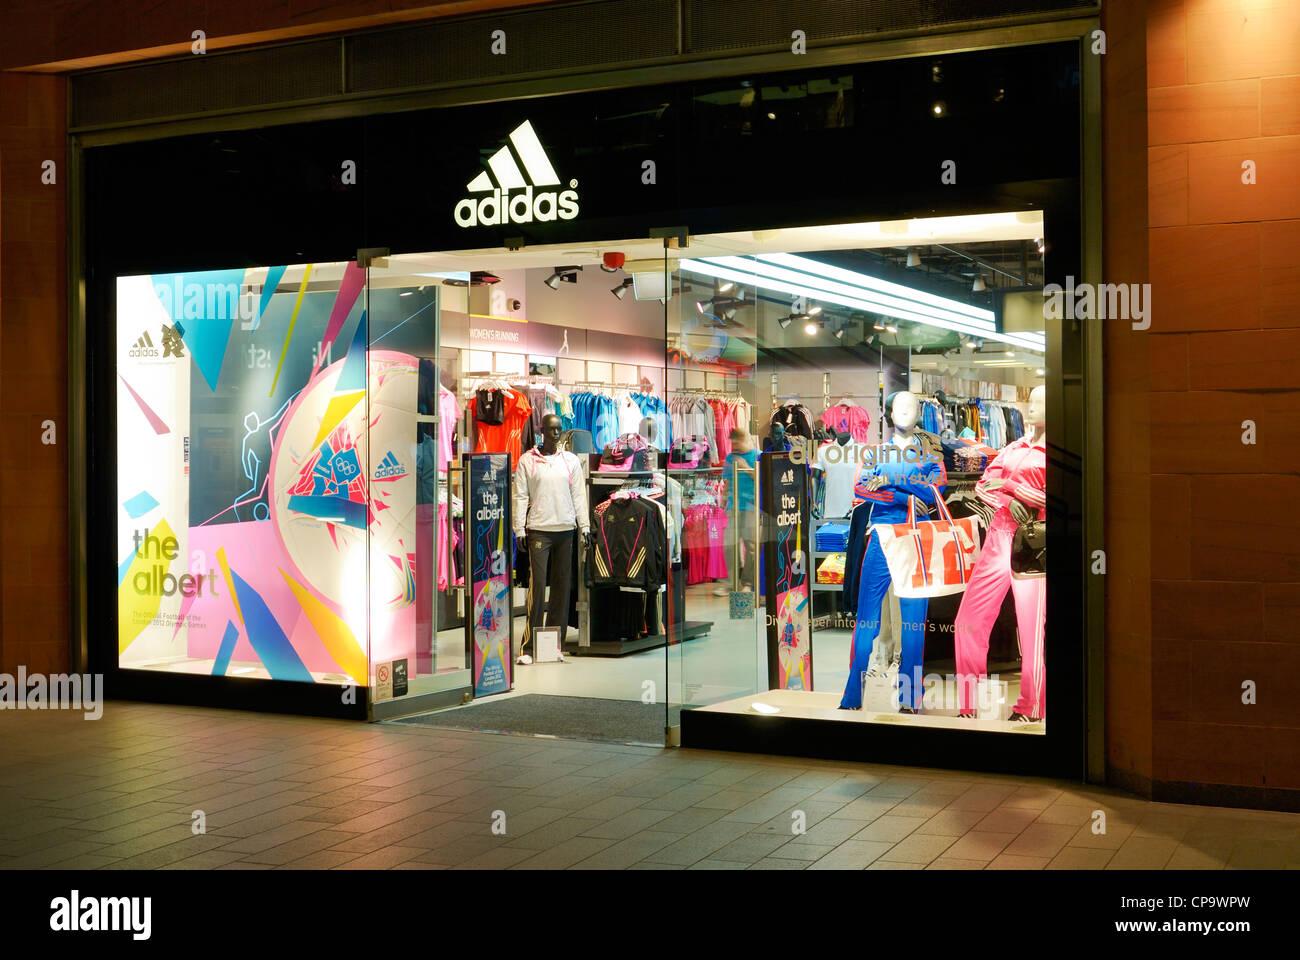 caba976cfa Magasin de sport Adidas est éclairée la nuit Banque D'Images, Photo ...